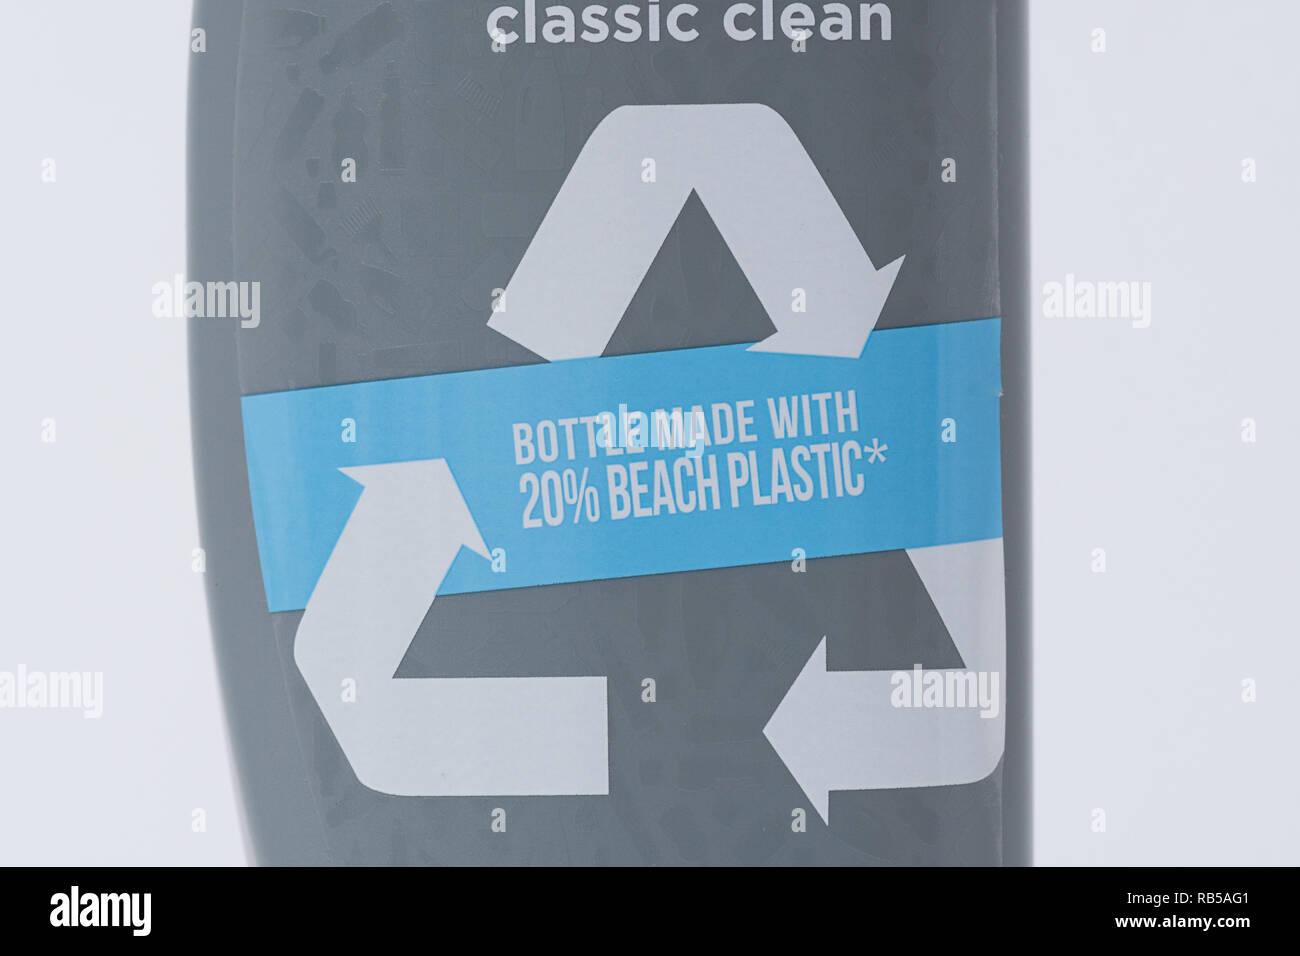 Testa e spalle bottiglia di shampoo realizzato da 20% riciclato in plastica sulla spiaggia Immagini Stock